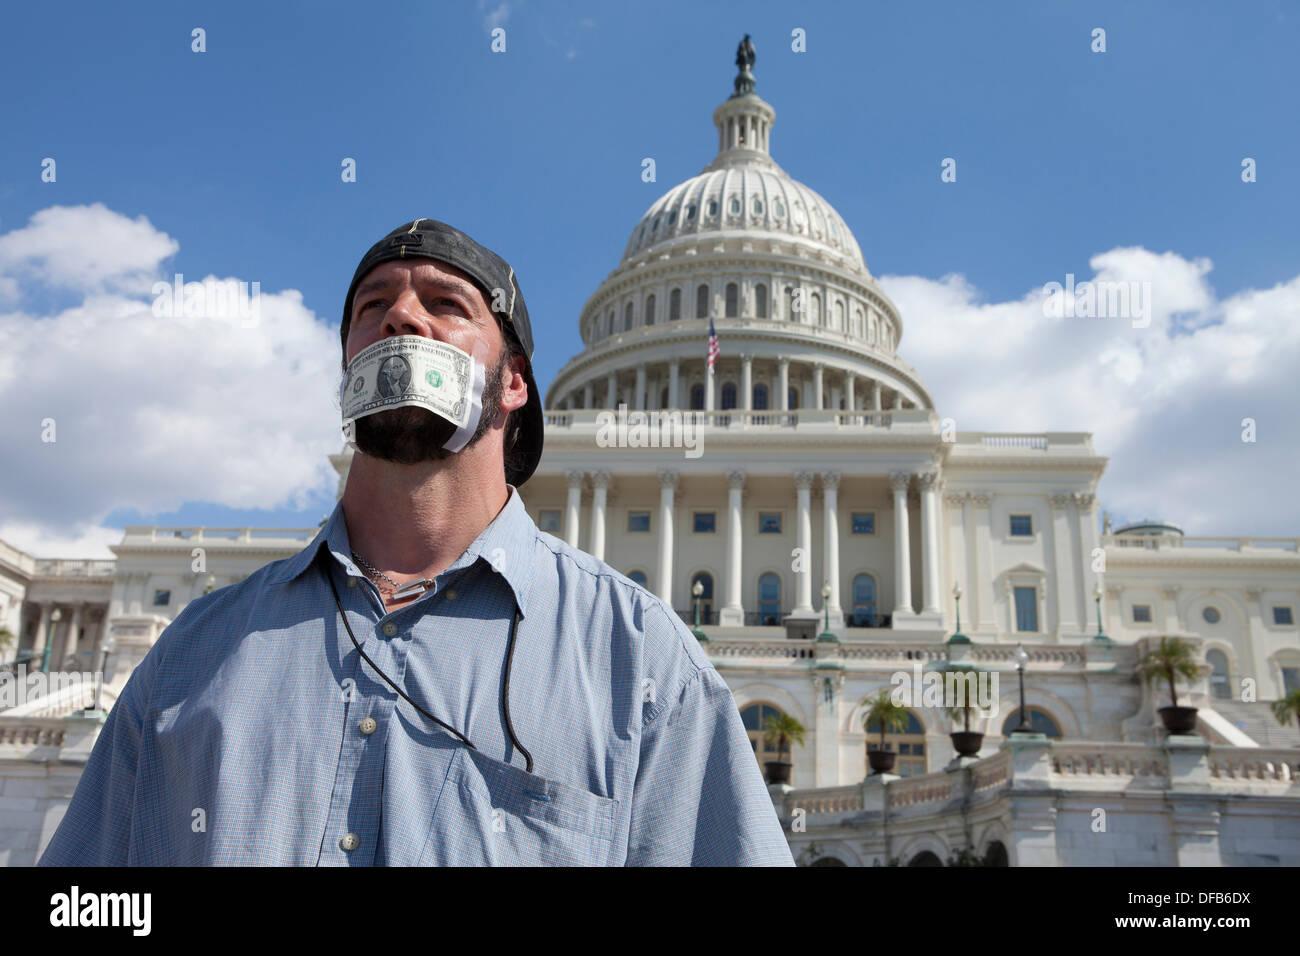 Washington, DC, Stati Uniti d'America. 01 ott 2013. Dipendenti federali protestare contro il governo arresto sul Campidoglio Credito: B Christopher/Alamy Live News Immagini Stock